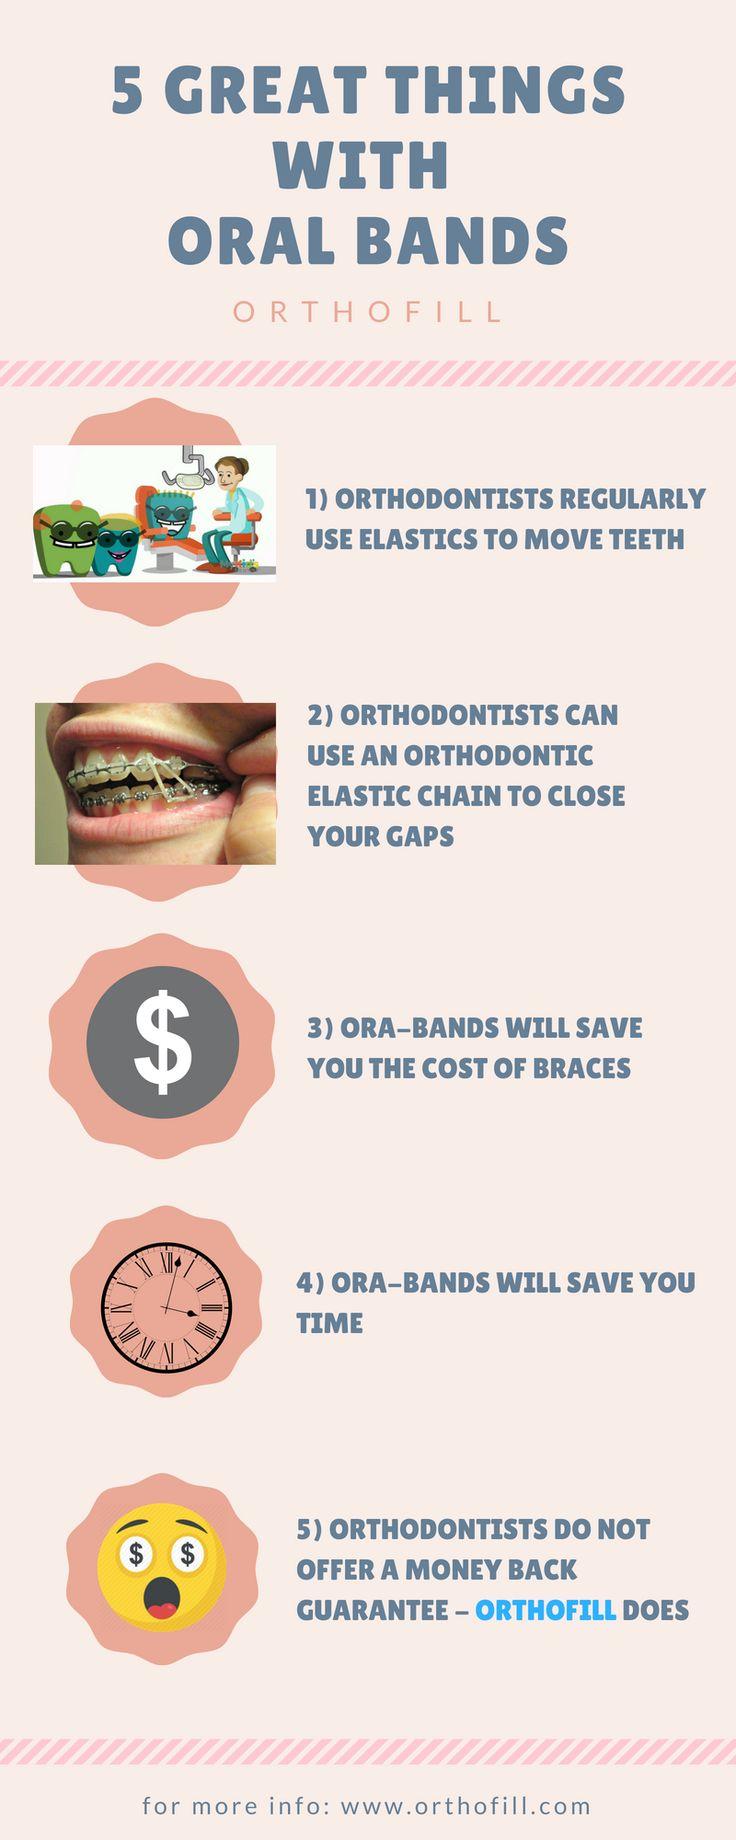 Perks of Using Orthofill Gap teeth, Fix teeth, Orthodontics